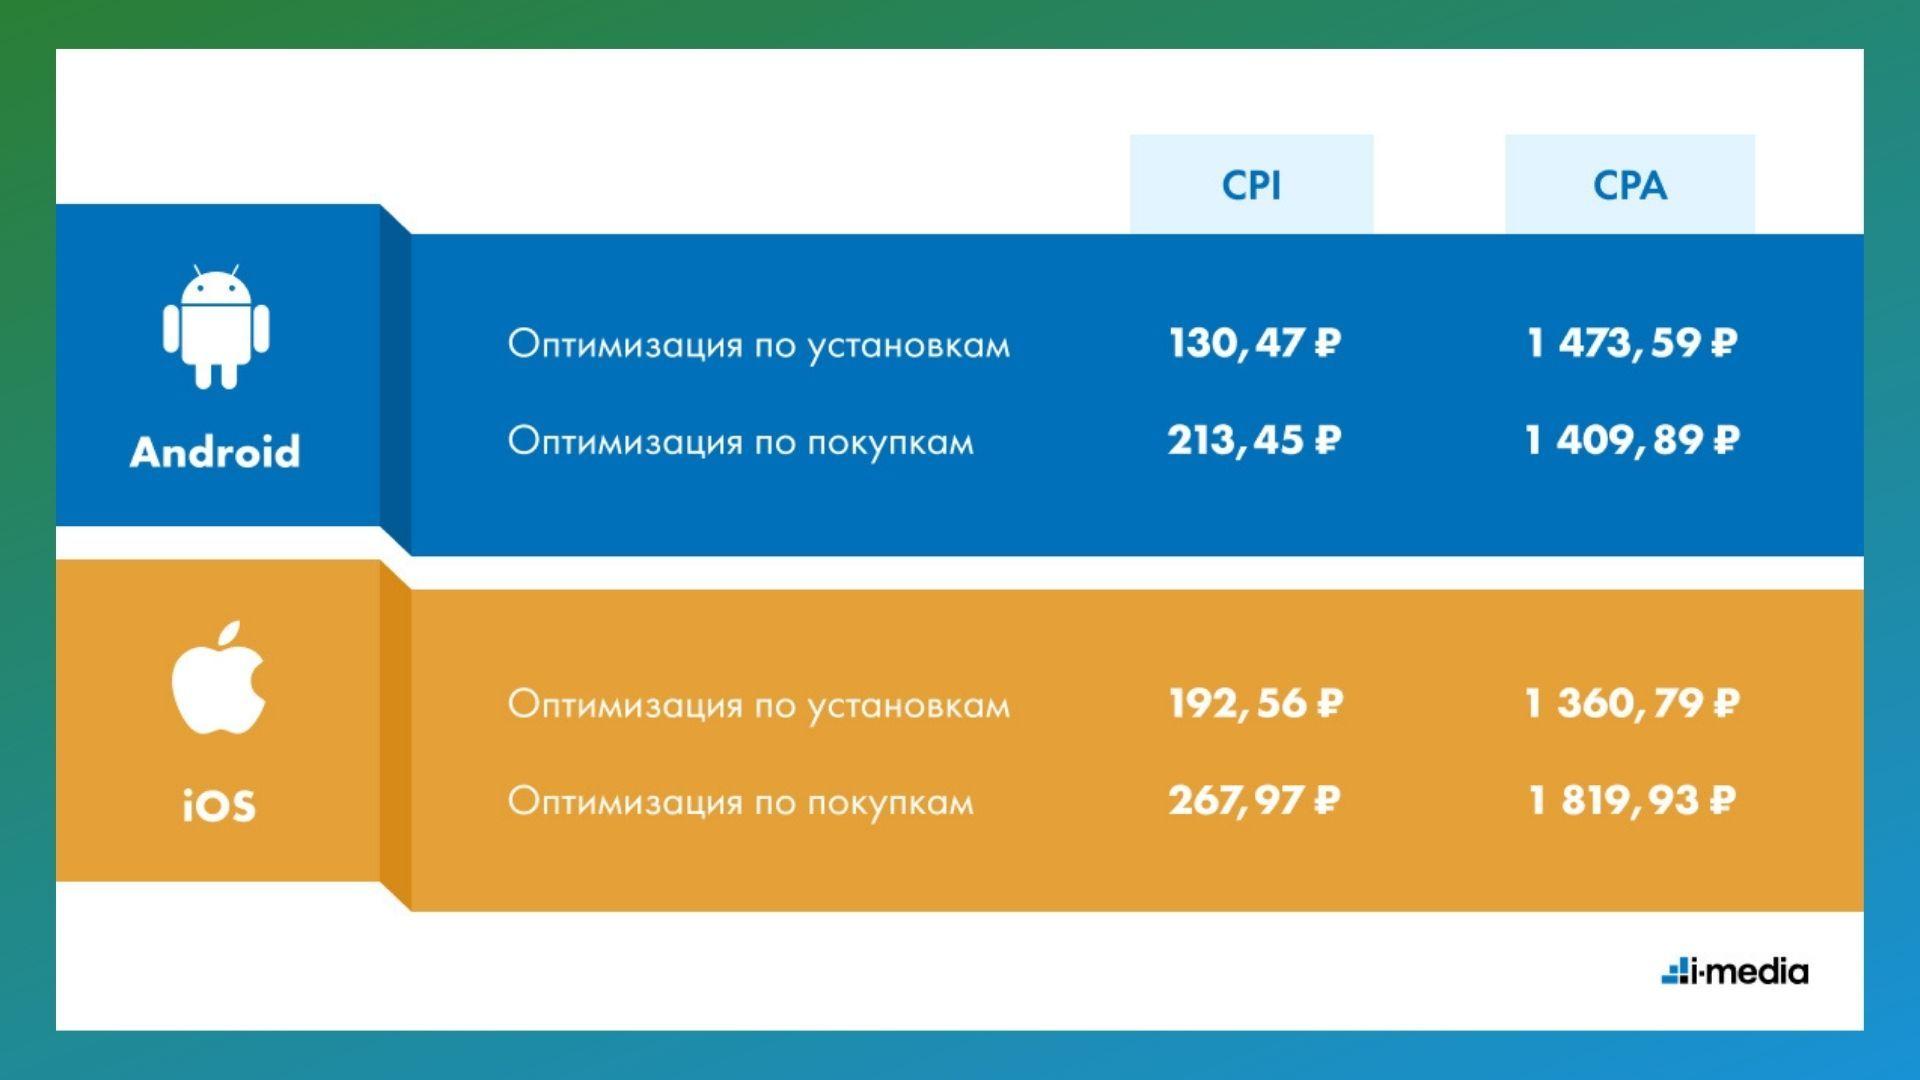 CPI у iOS-приложения выше, чем у Android